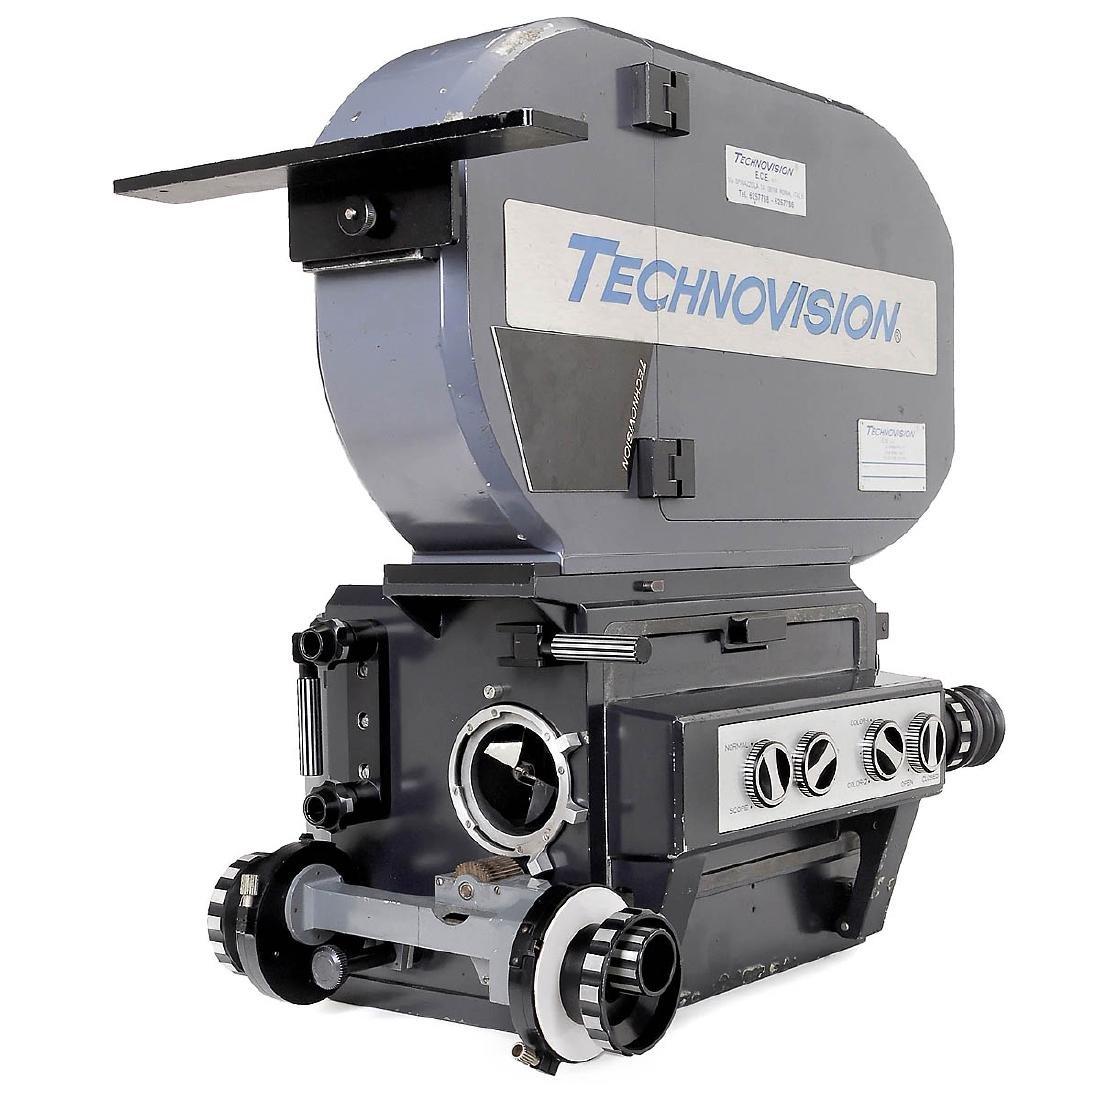 Mitchell/Technovision, c. 1970